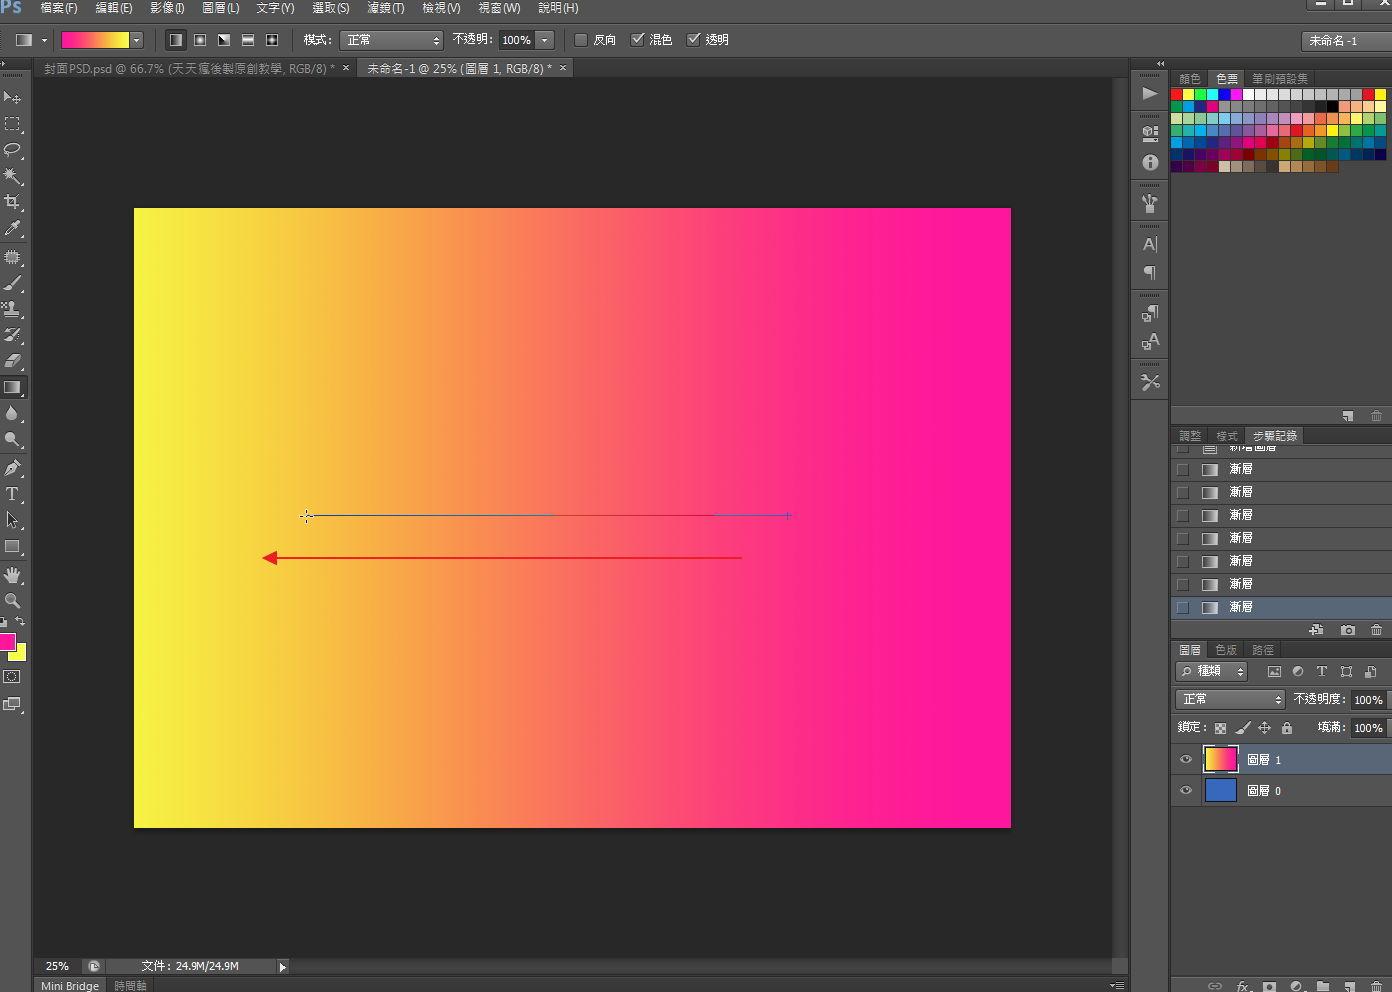 【渐层背景】Shade 线上渐层背景图制作工具 / 渐层背景图 / 渐层色票